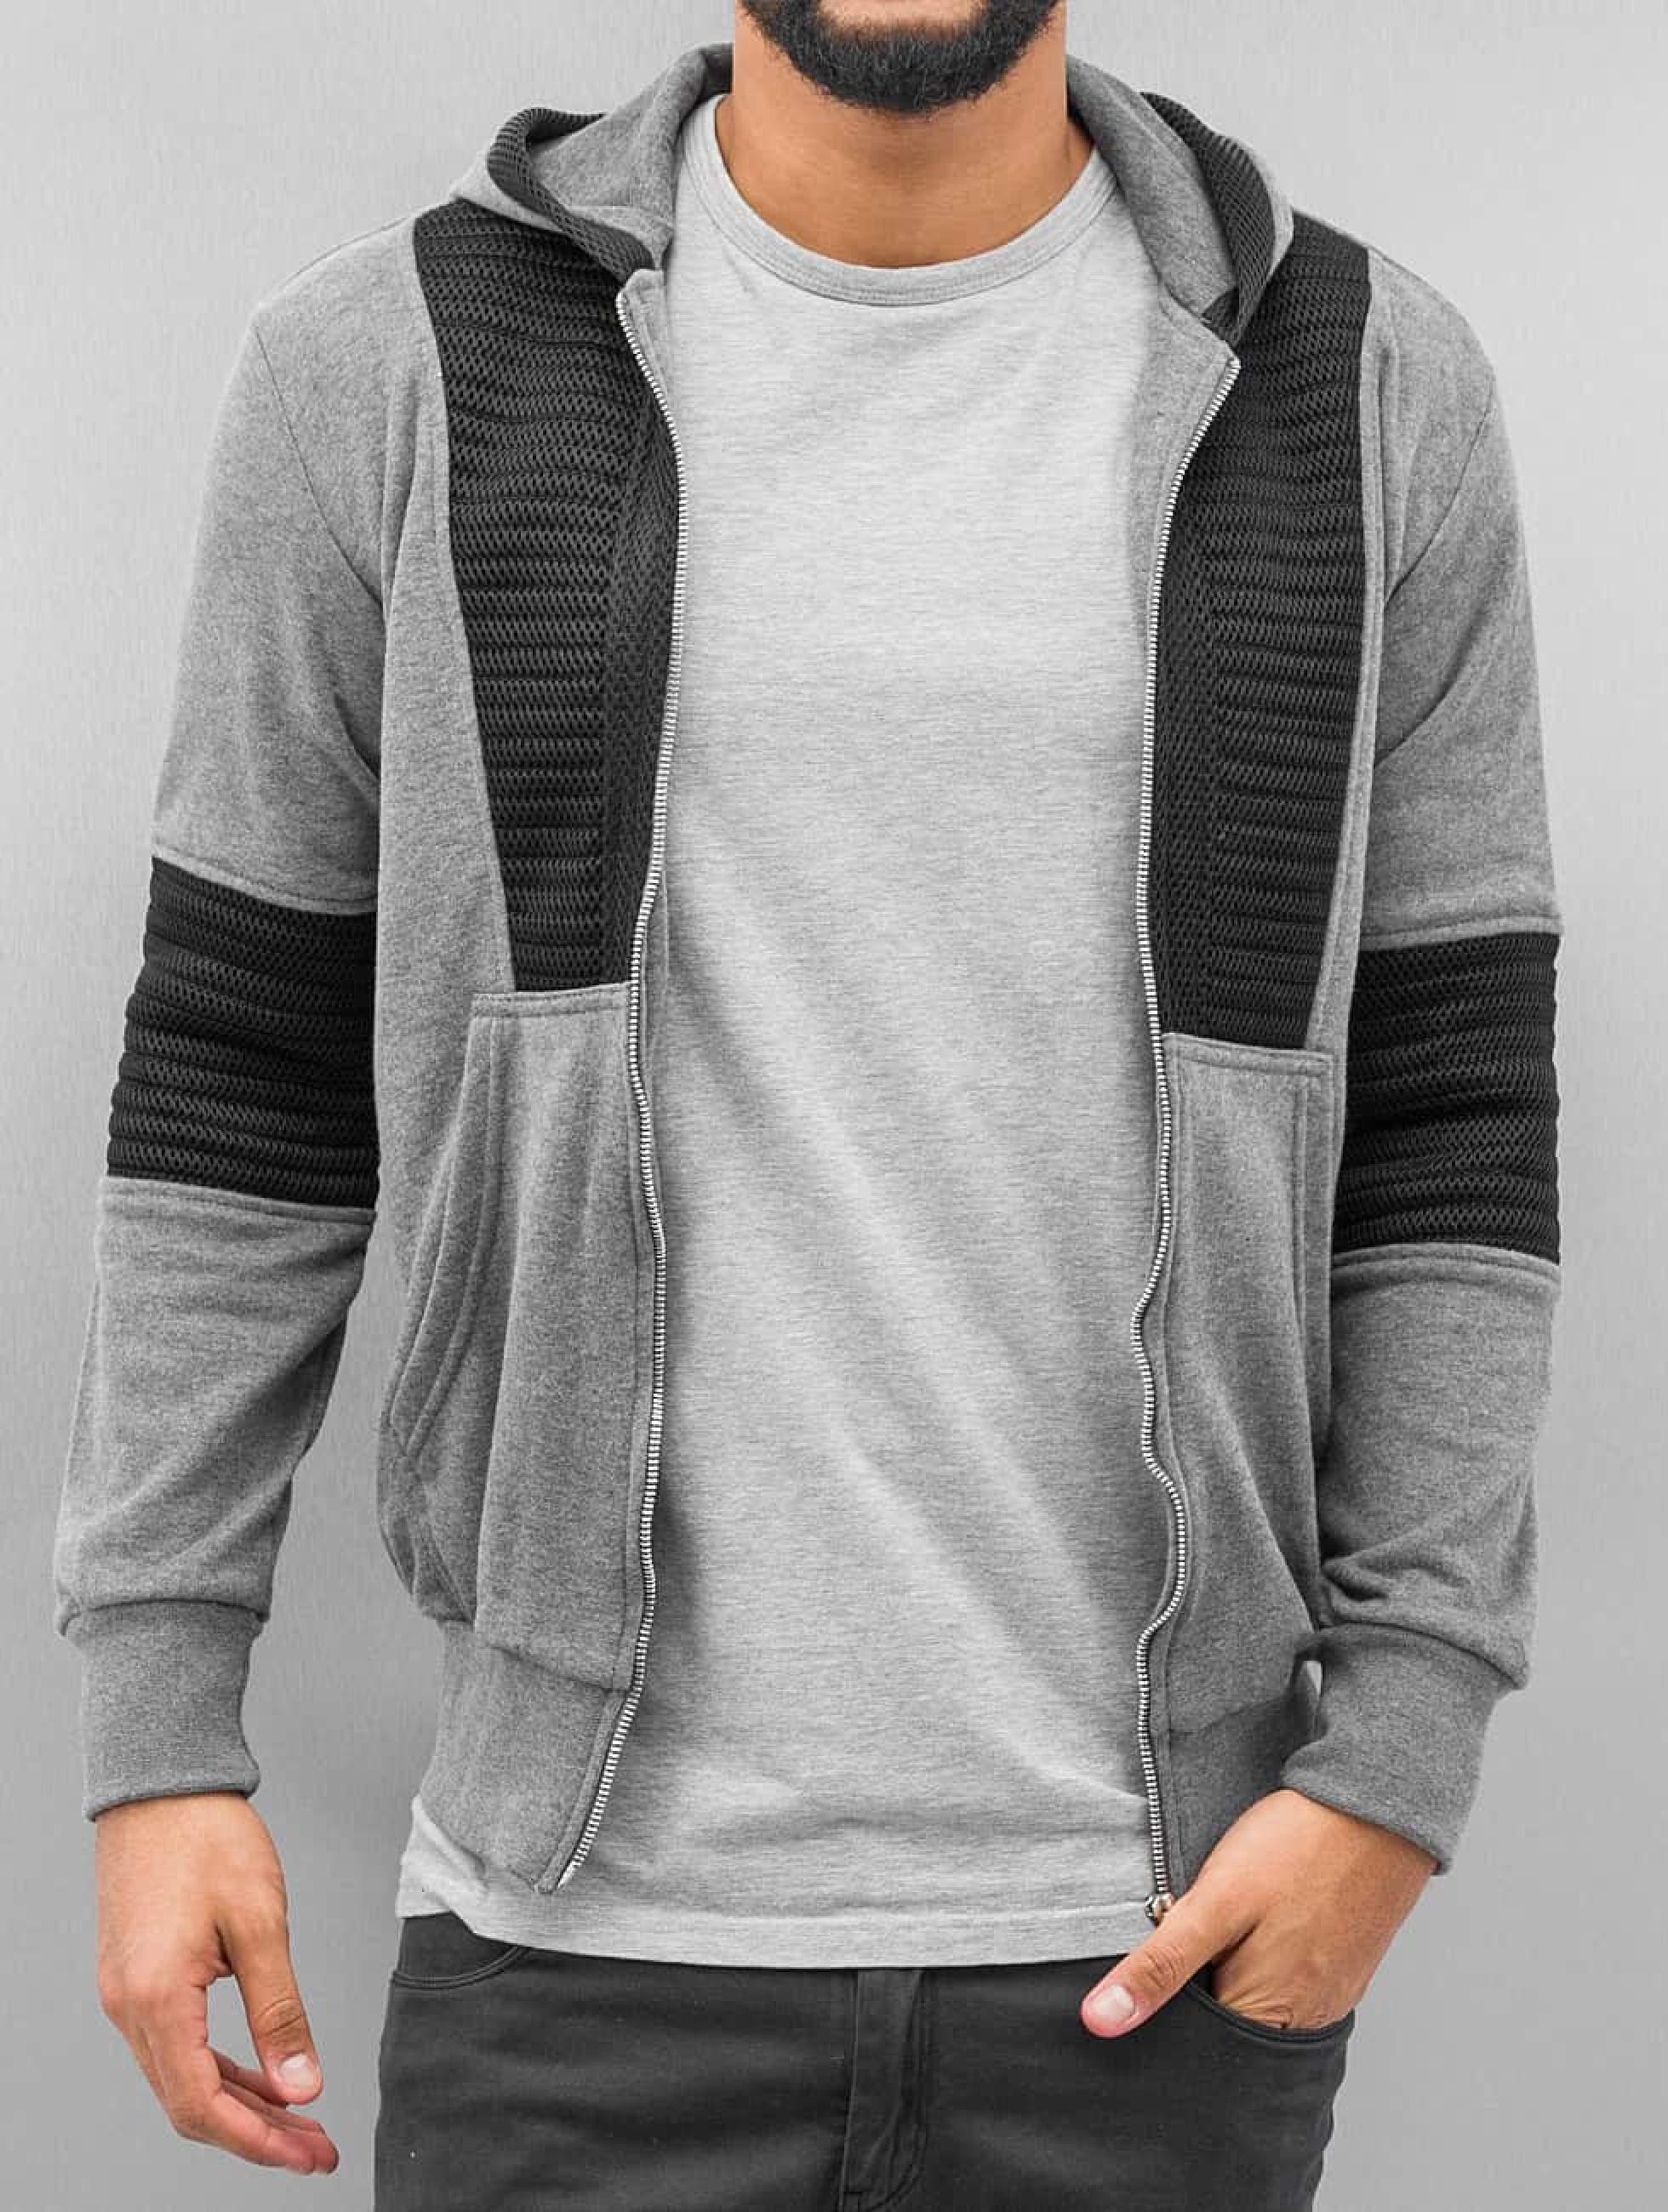 Bangastic / Zip Hoodie Hanau in grey XL